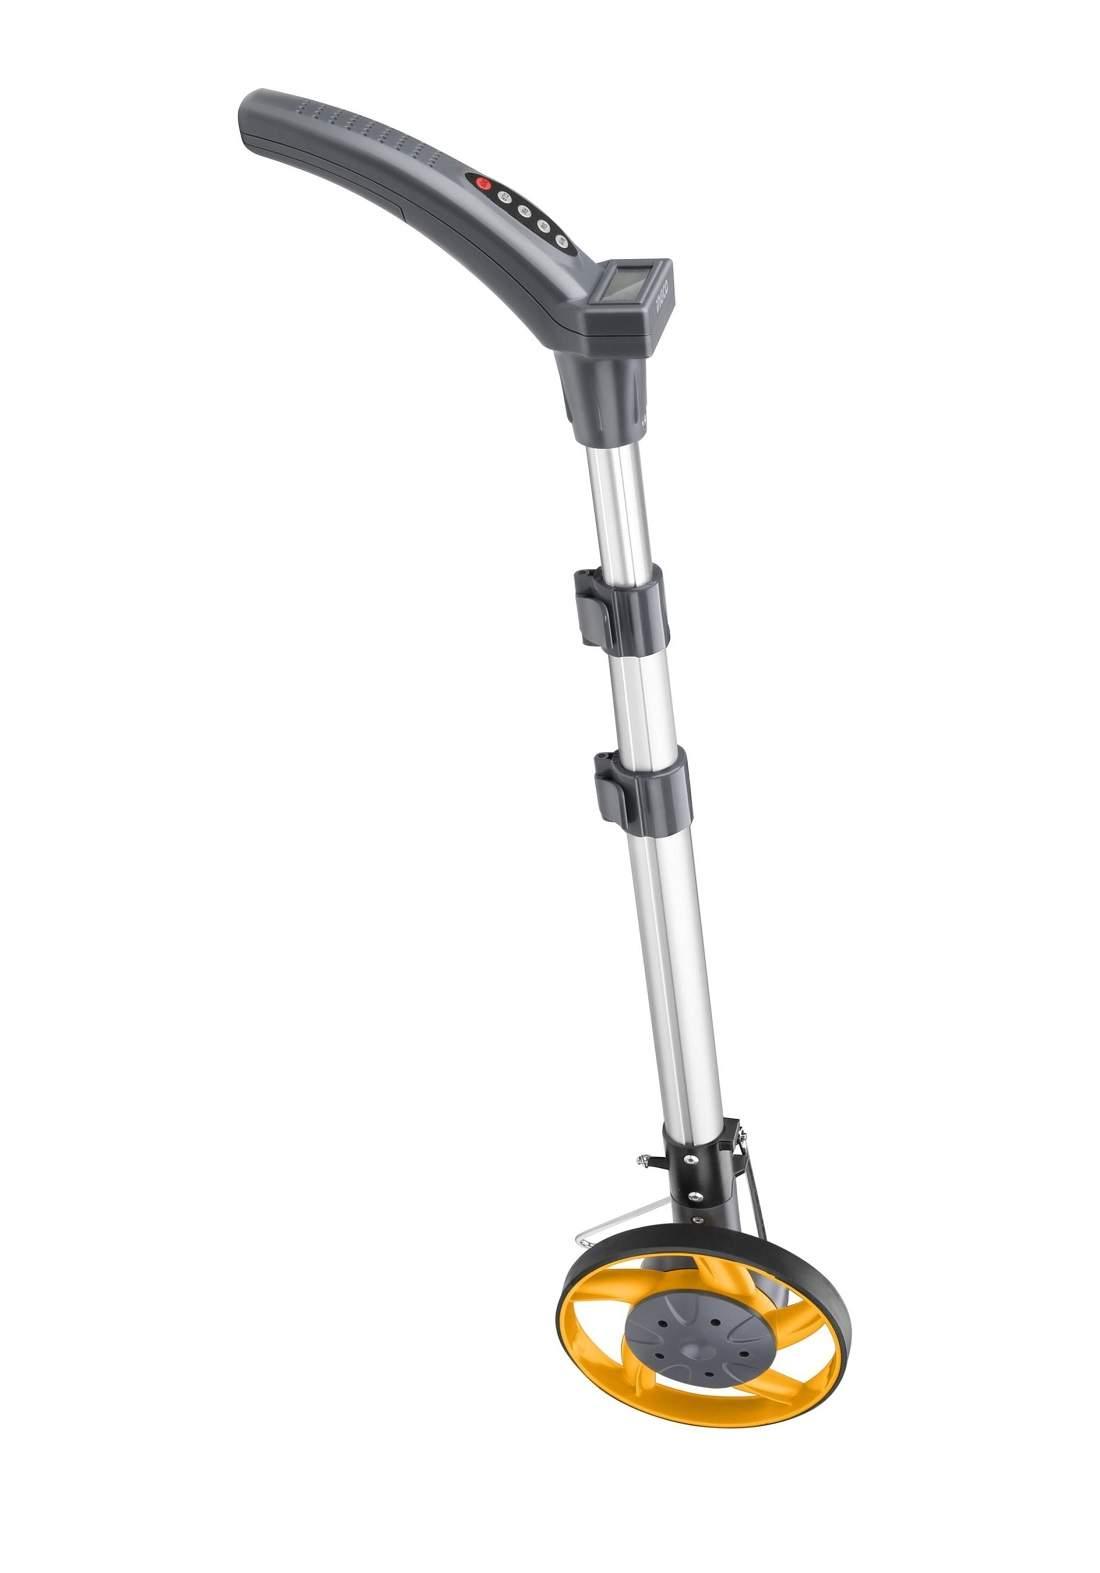 INGCO HDMW01 Digital Display Measuring Wheel IHT فيته عجلة لقياس المساحة ديجيتال